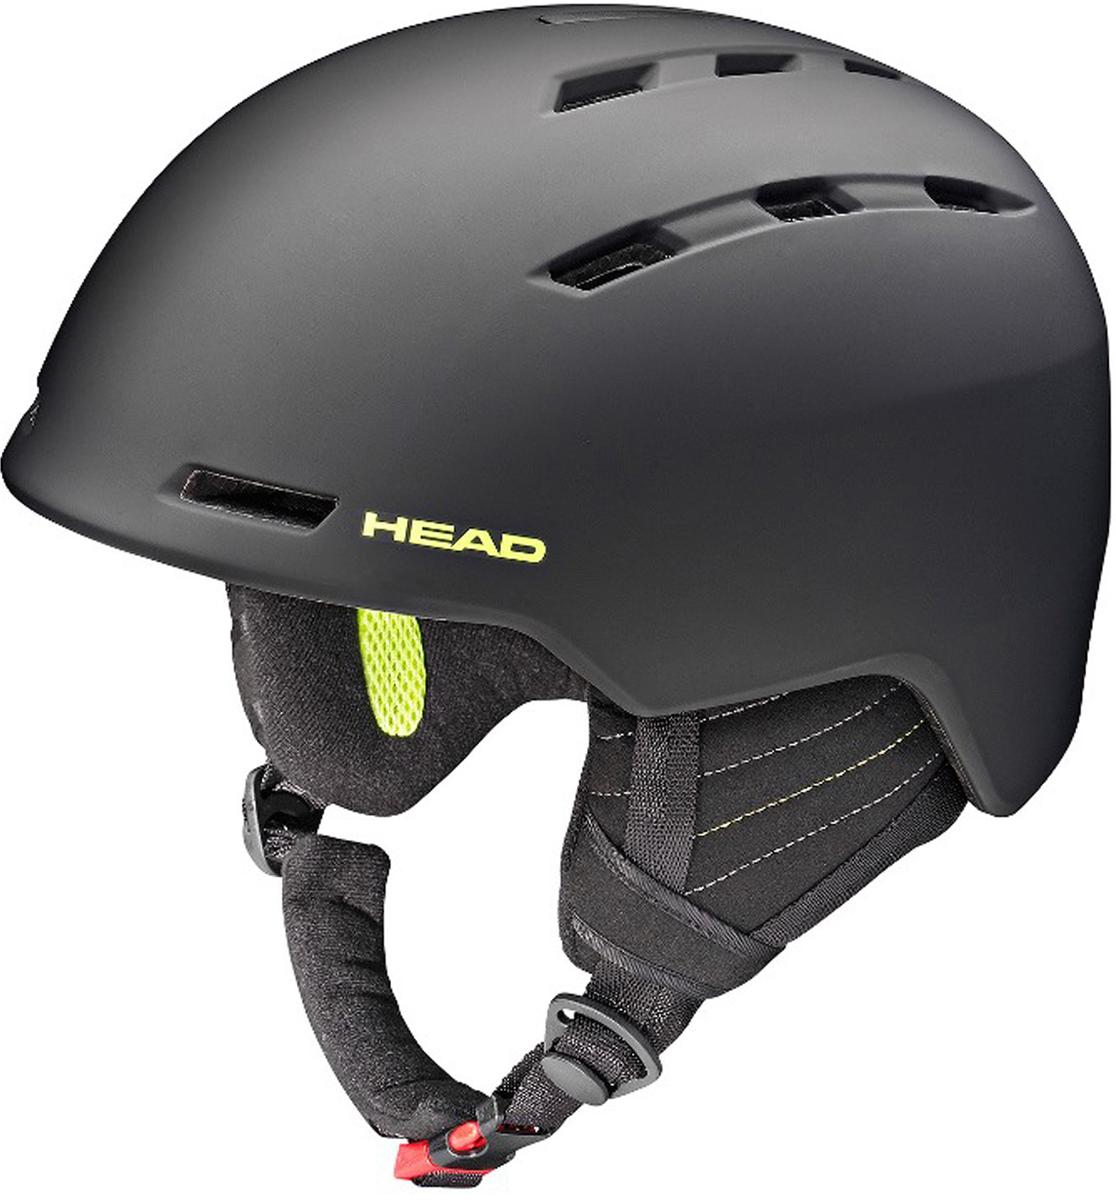 Шлем для горных лыж и сноуборда HEAD  Vico . Размер XS/S (52-55) - Горные лыжи